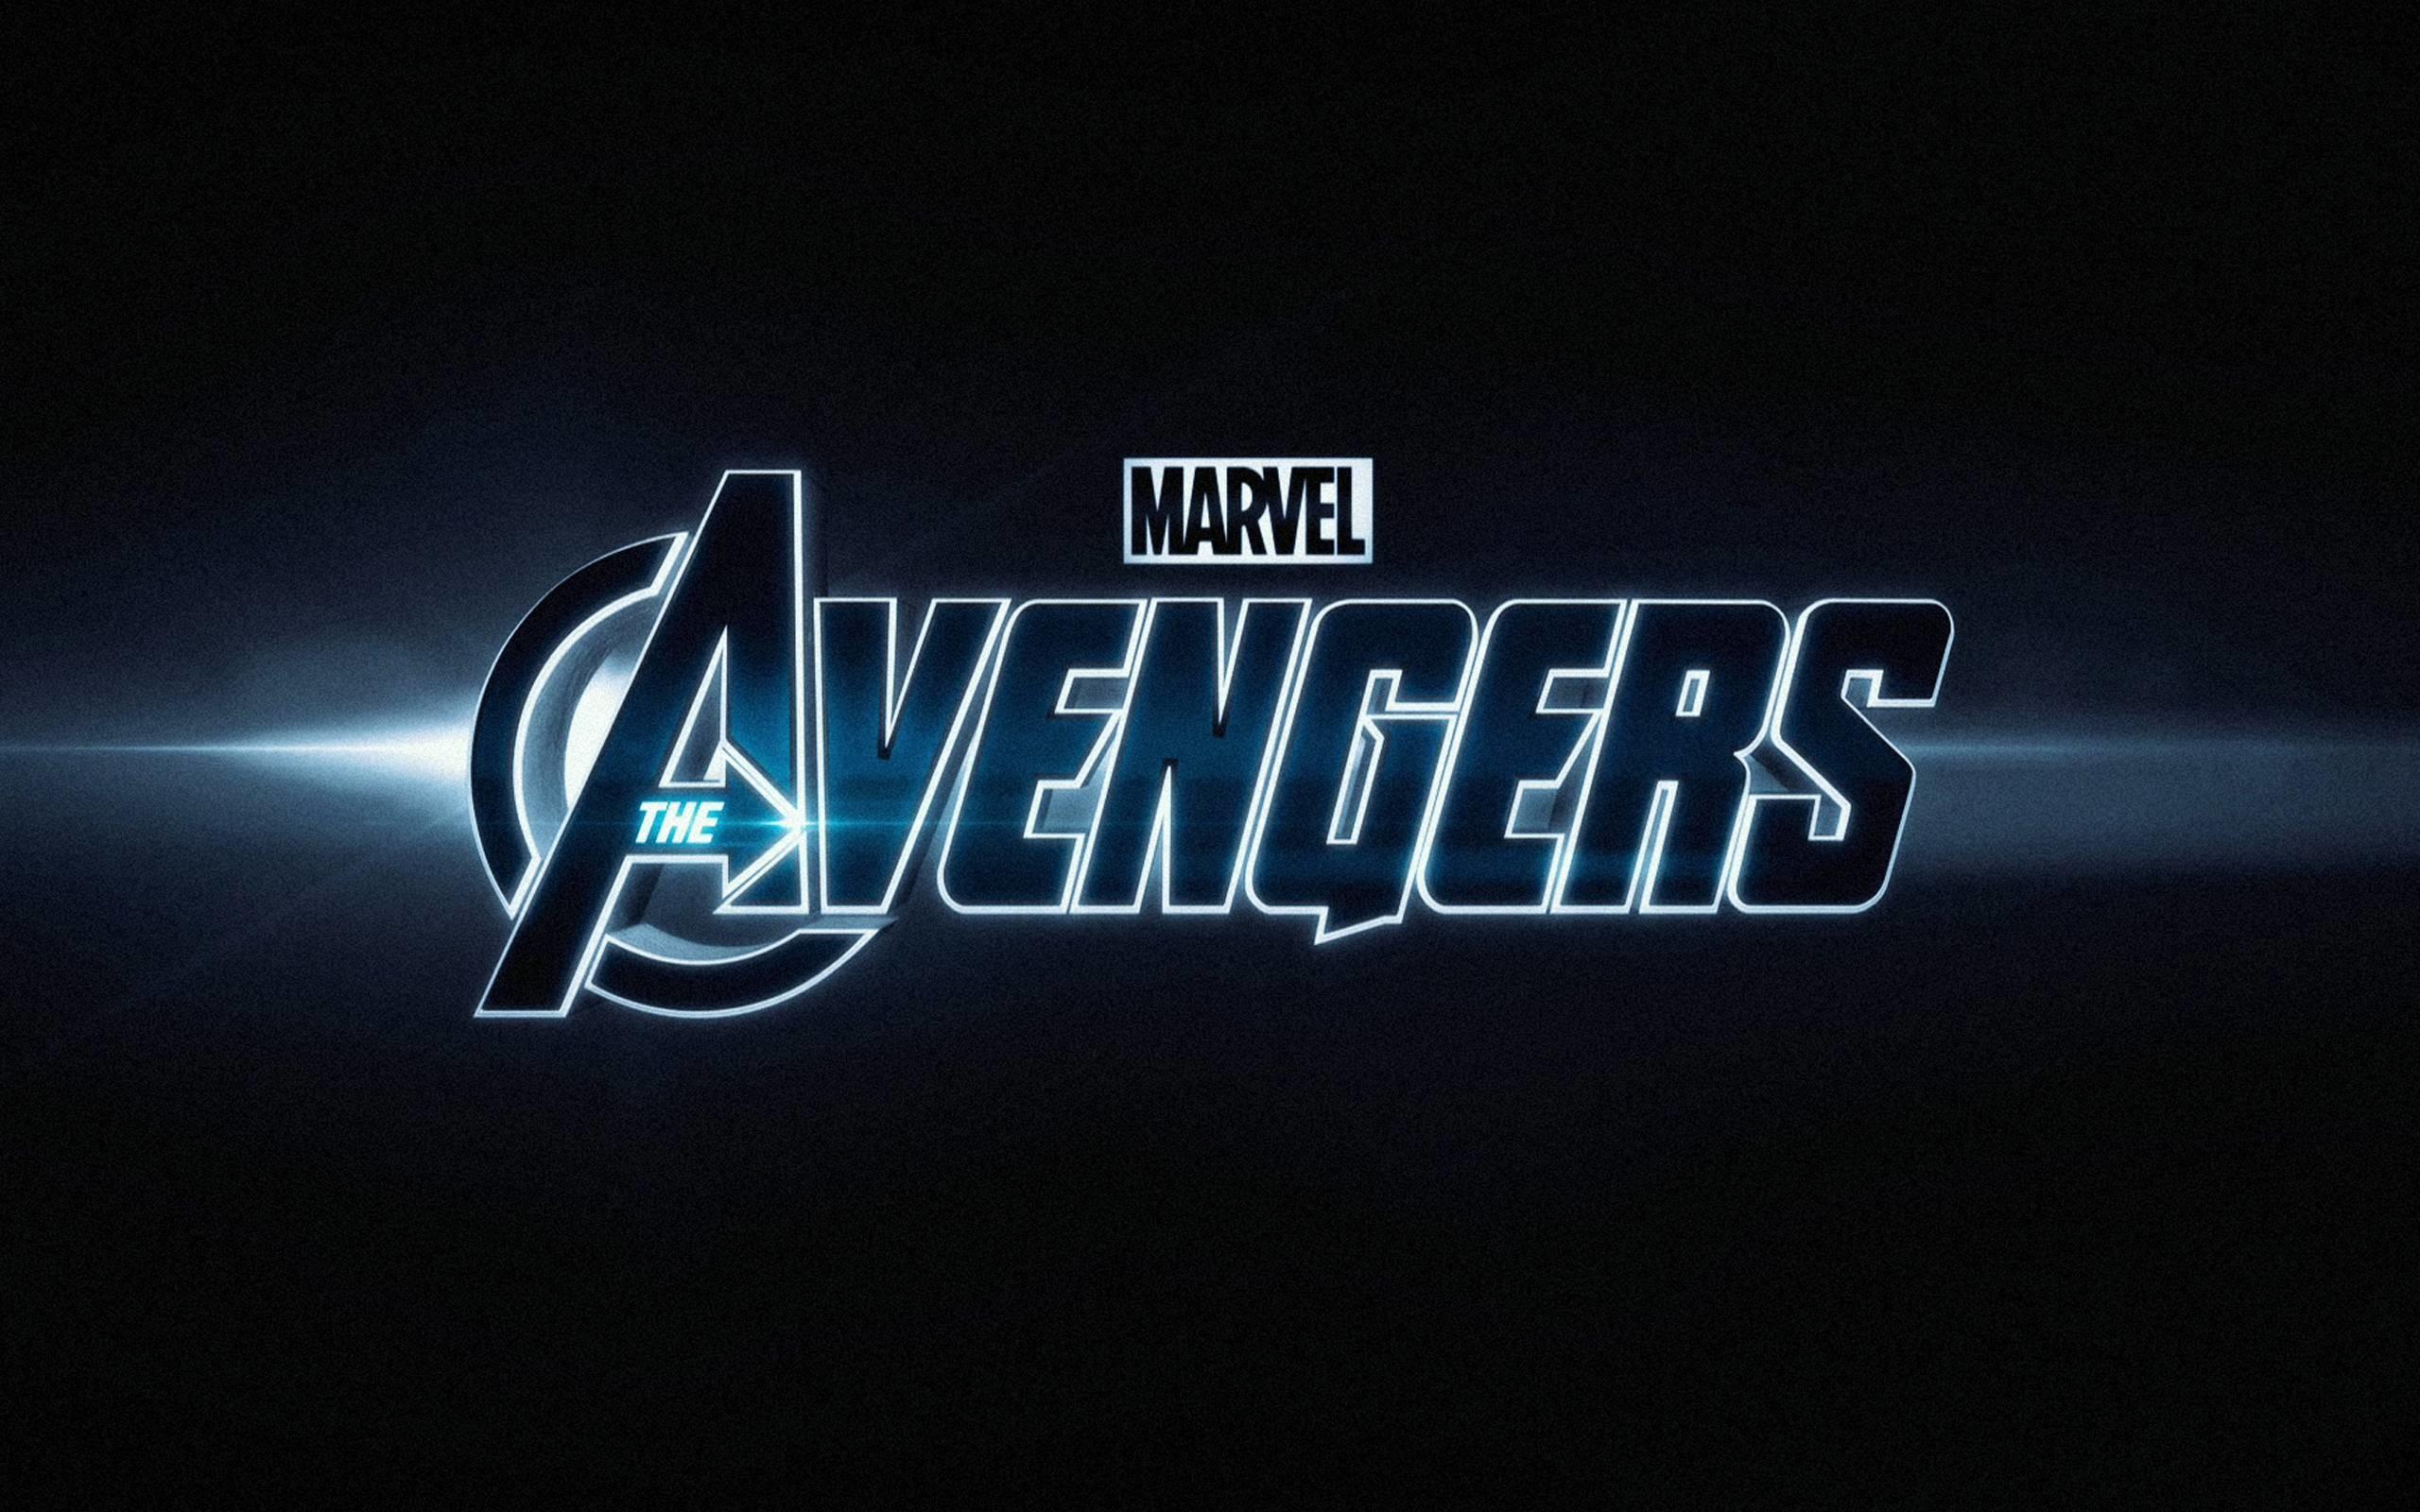 The Avengers: Avengers Logo Wallpaper ·① WallpaperTag